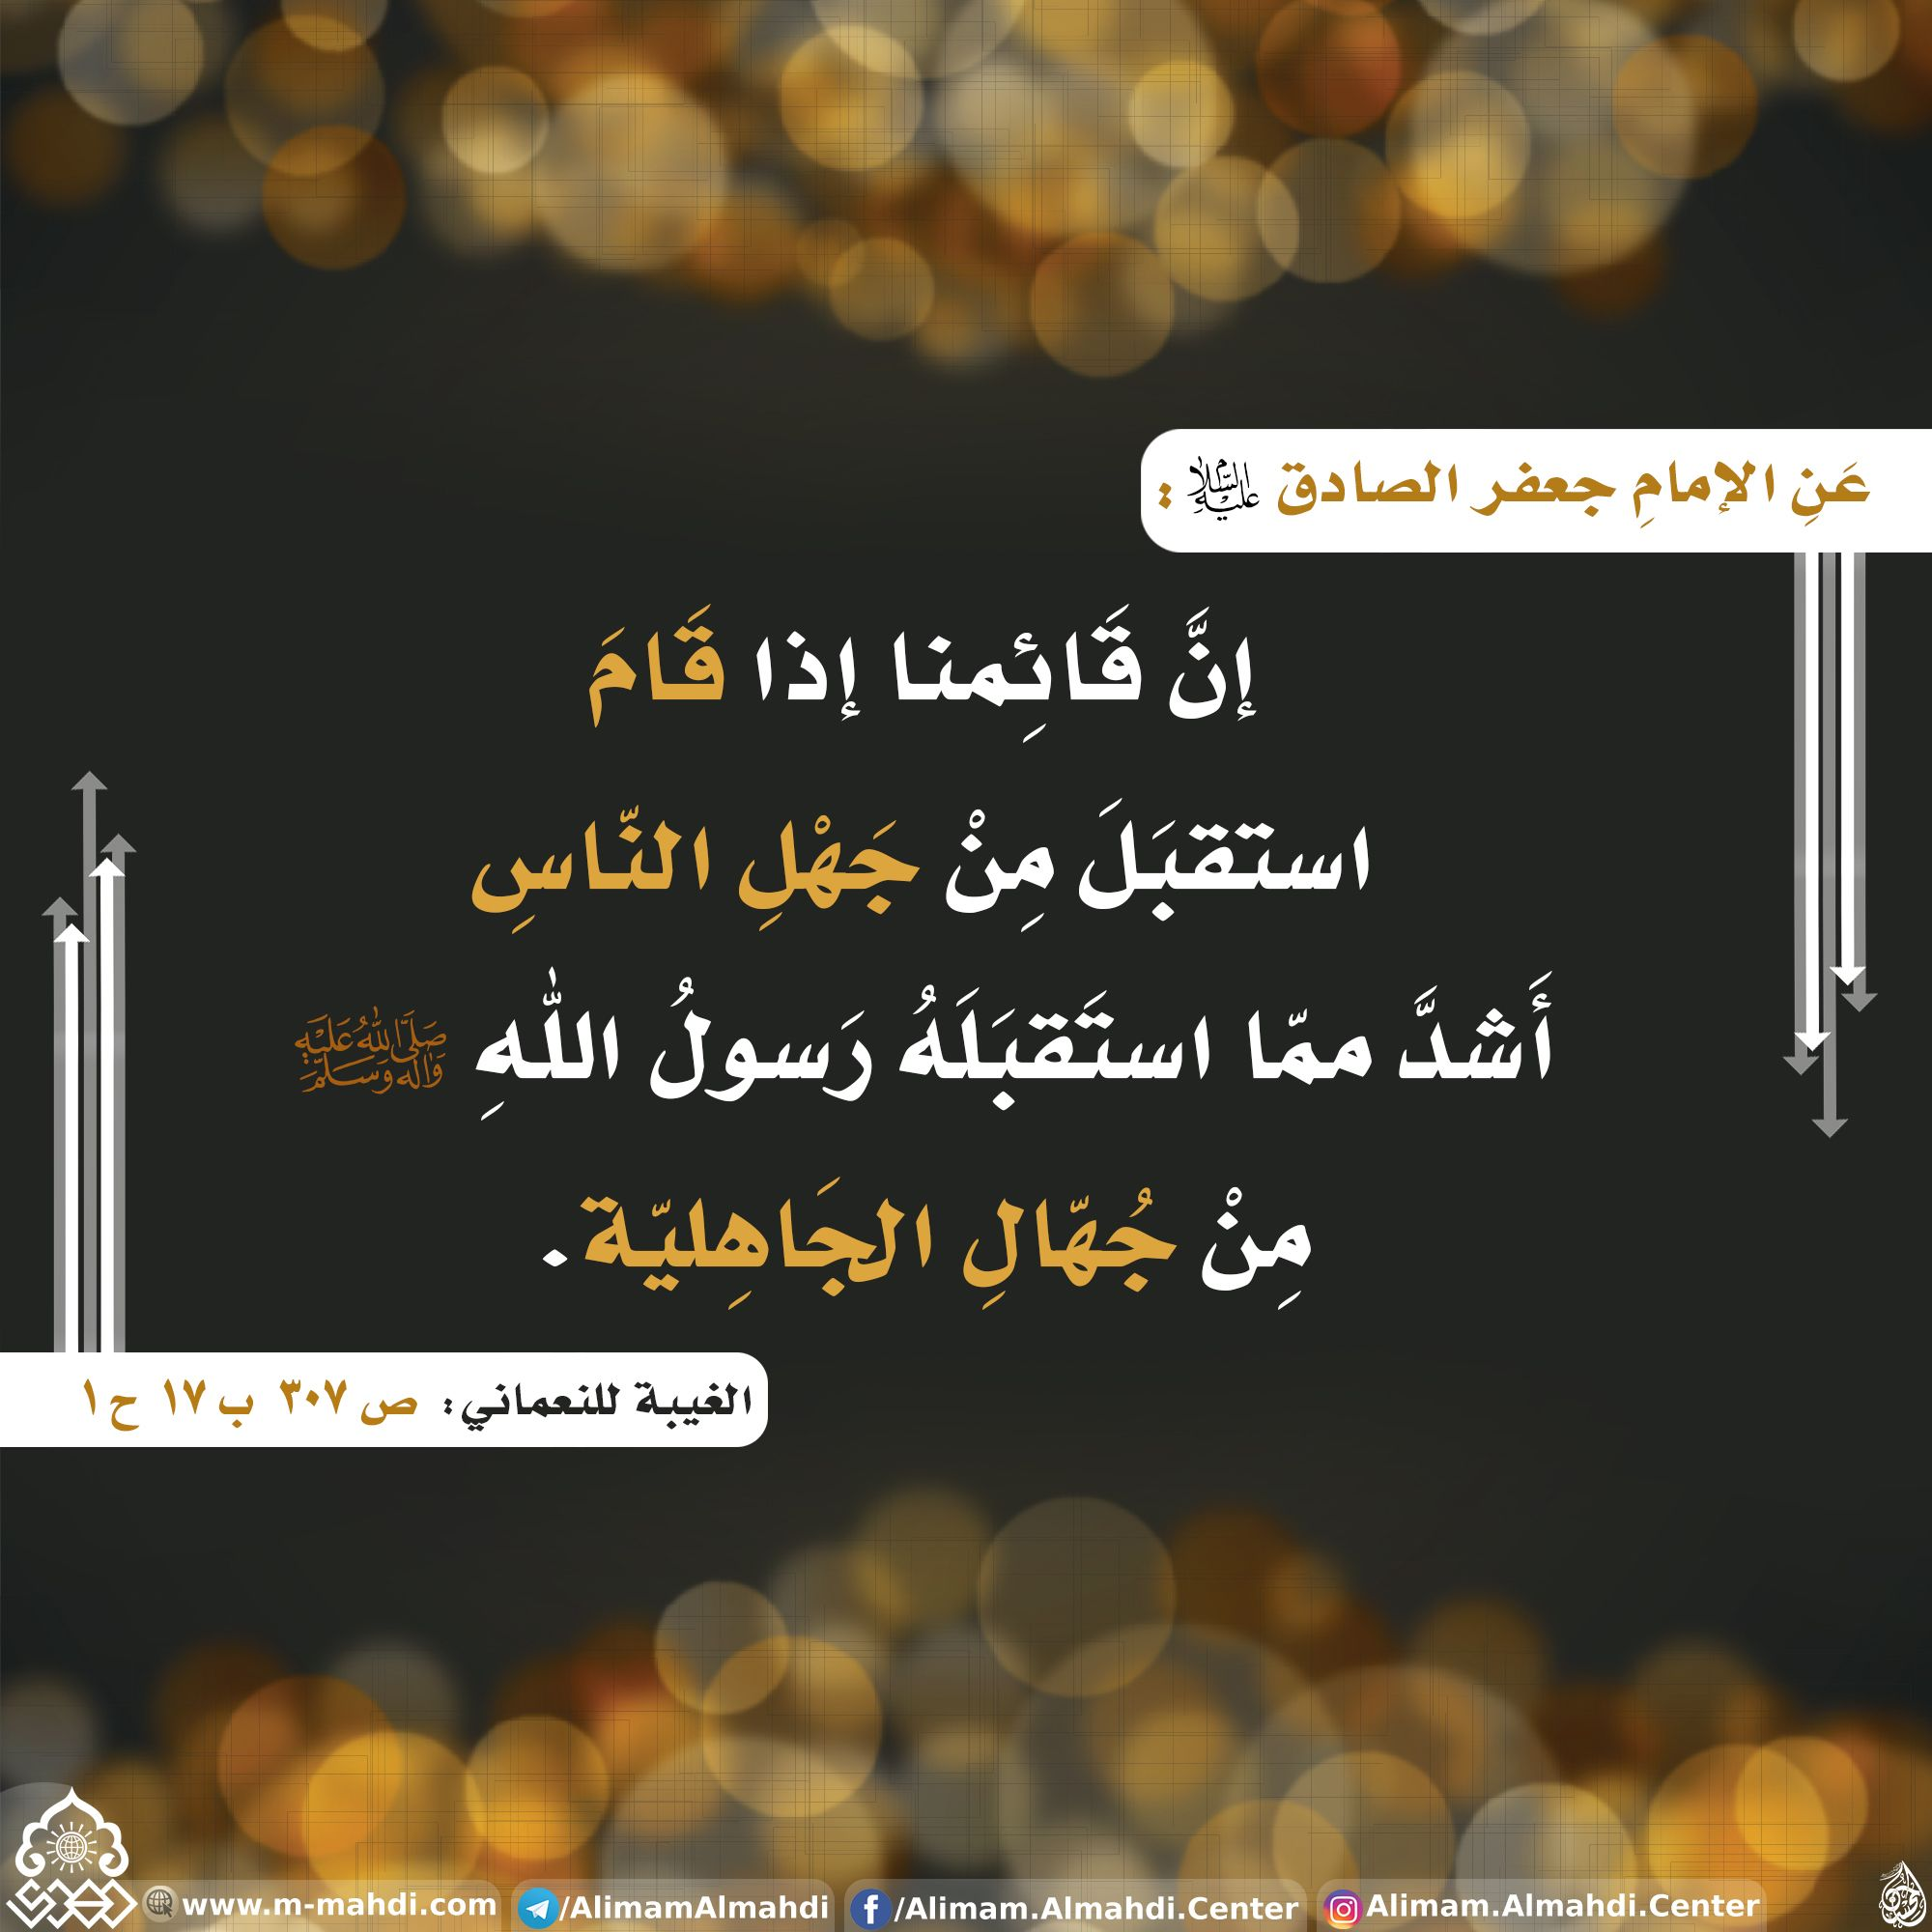 الأحاديث المهدوية Proverbs Quotes Shia Islam Hadith